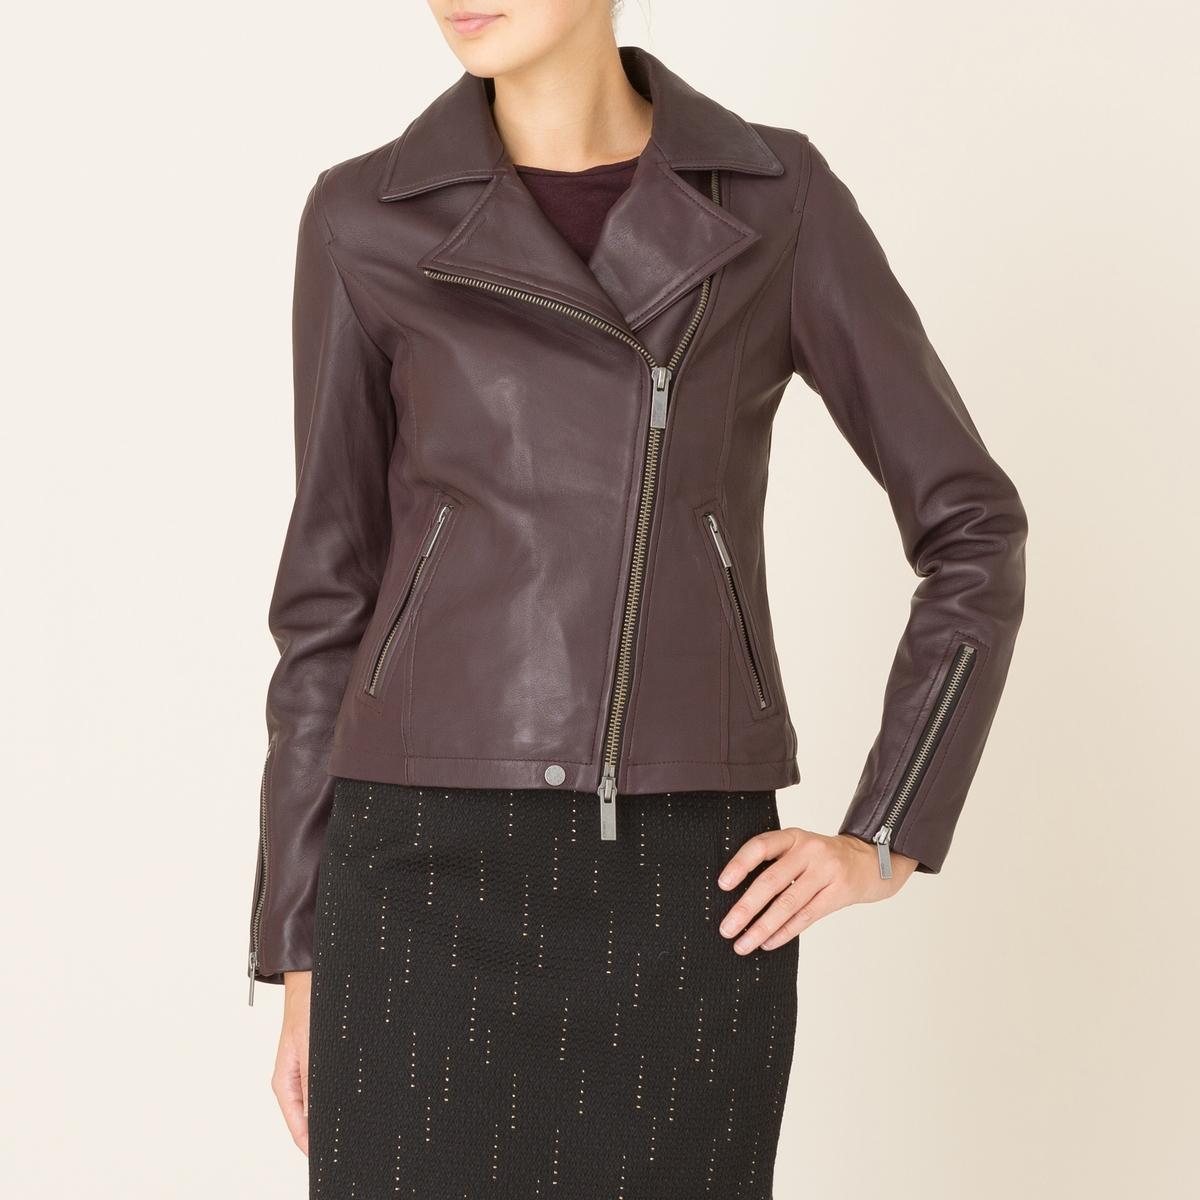 Куртка кожаная JULYКожаная куртка OAKWOOD - модель JULY. В стиле рок. Воротник с отворотами на кнопках. Асимметричный низ спереди, рукава и карманы на молнии. Декоративные швы с загнутыми кромками и на рукавах.Состав и описание Материал : 100% кожа ягненкаМарка : OAKWOOD<br><br>Цвет: бордовый,черный<br>Размер: S.L